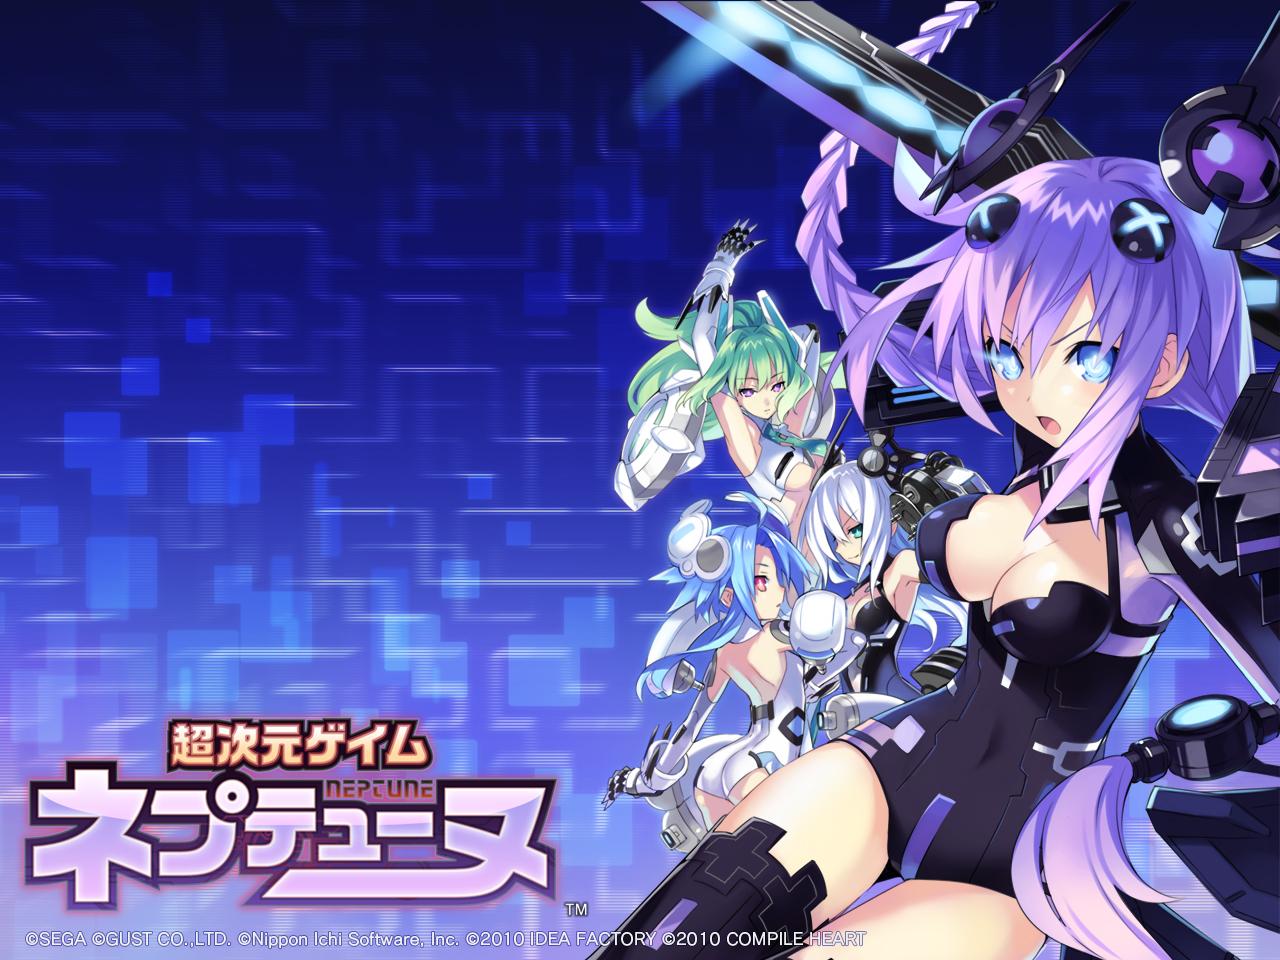 Hyperdimension Neptunia Fiche RPG (reviews, previews ...